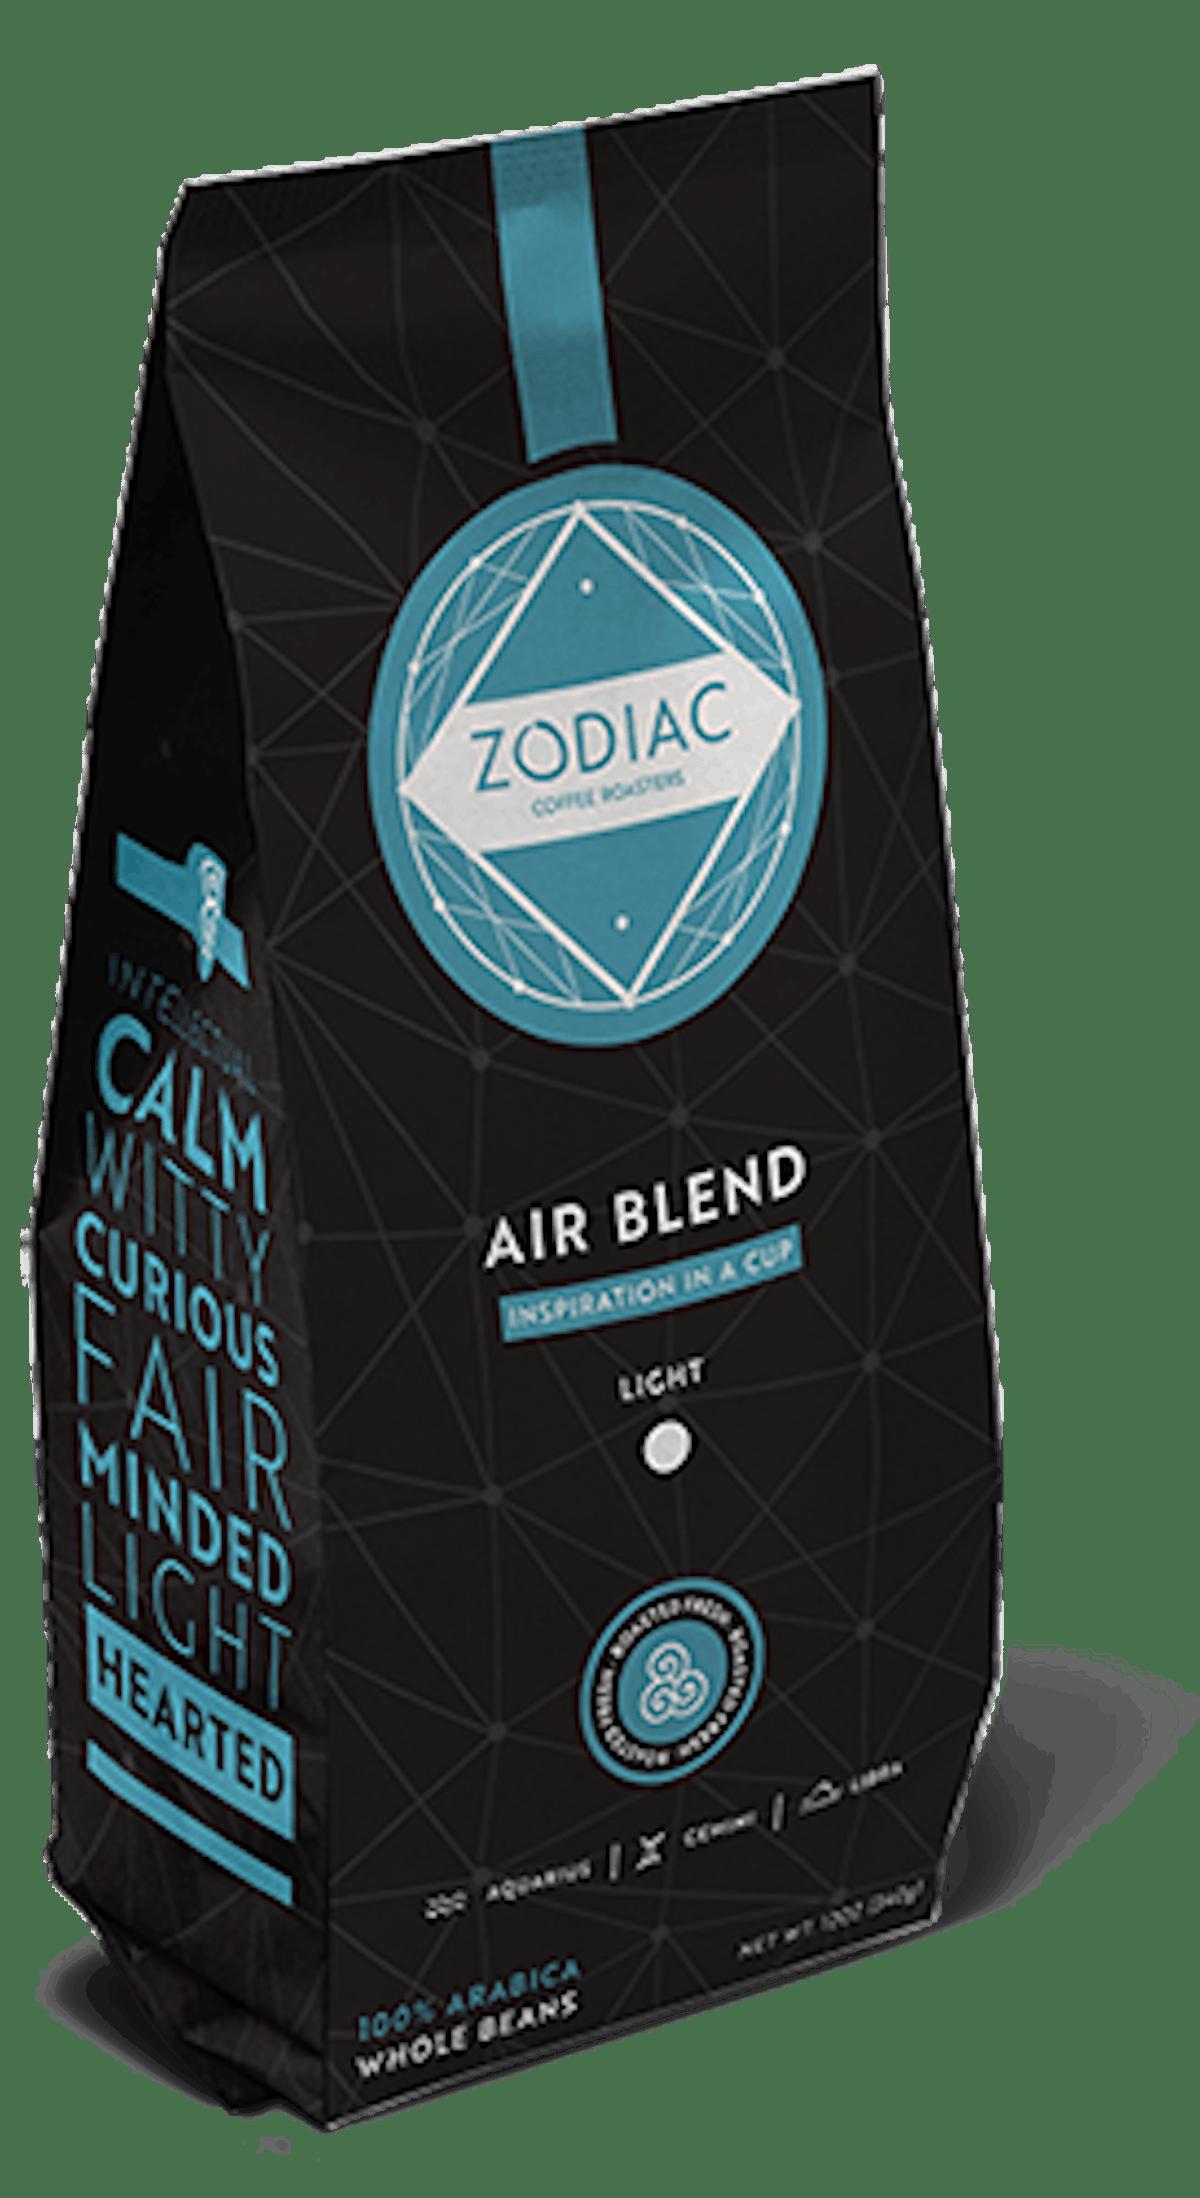 Air Blend